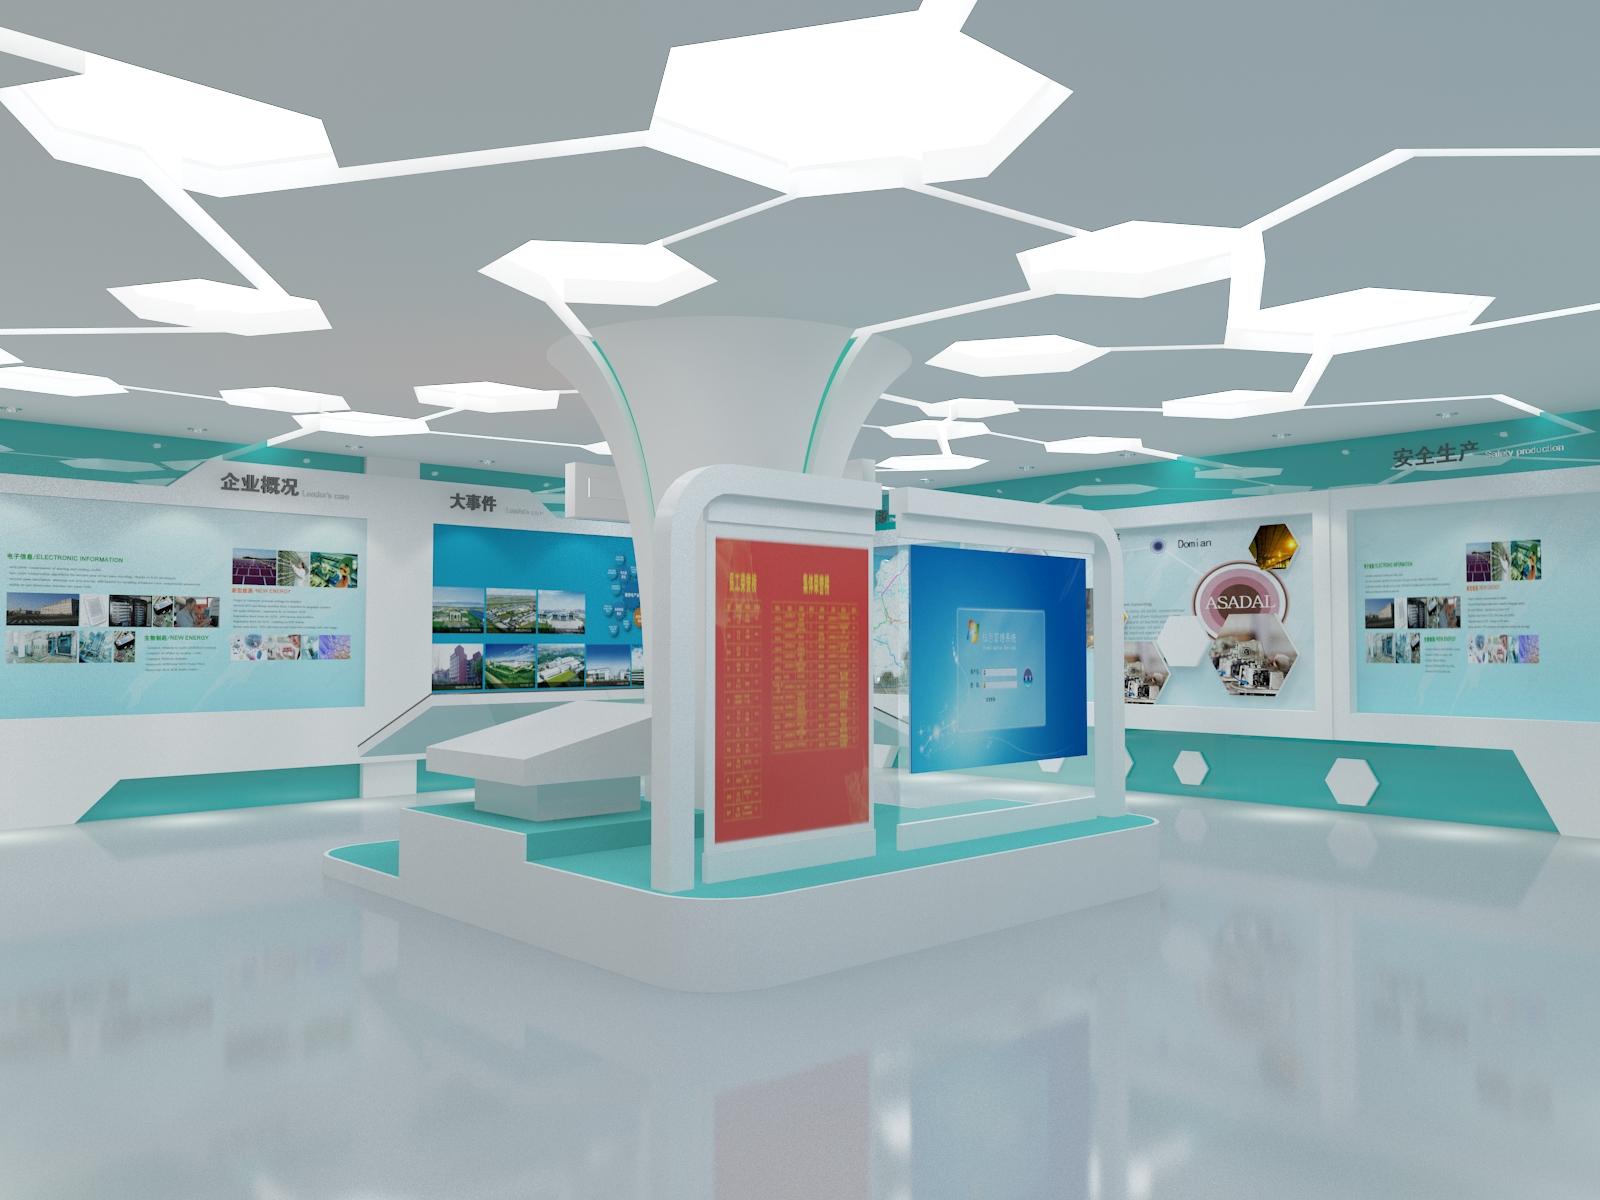 峡江供电公司企业文化展厅